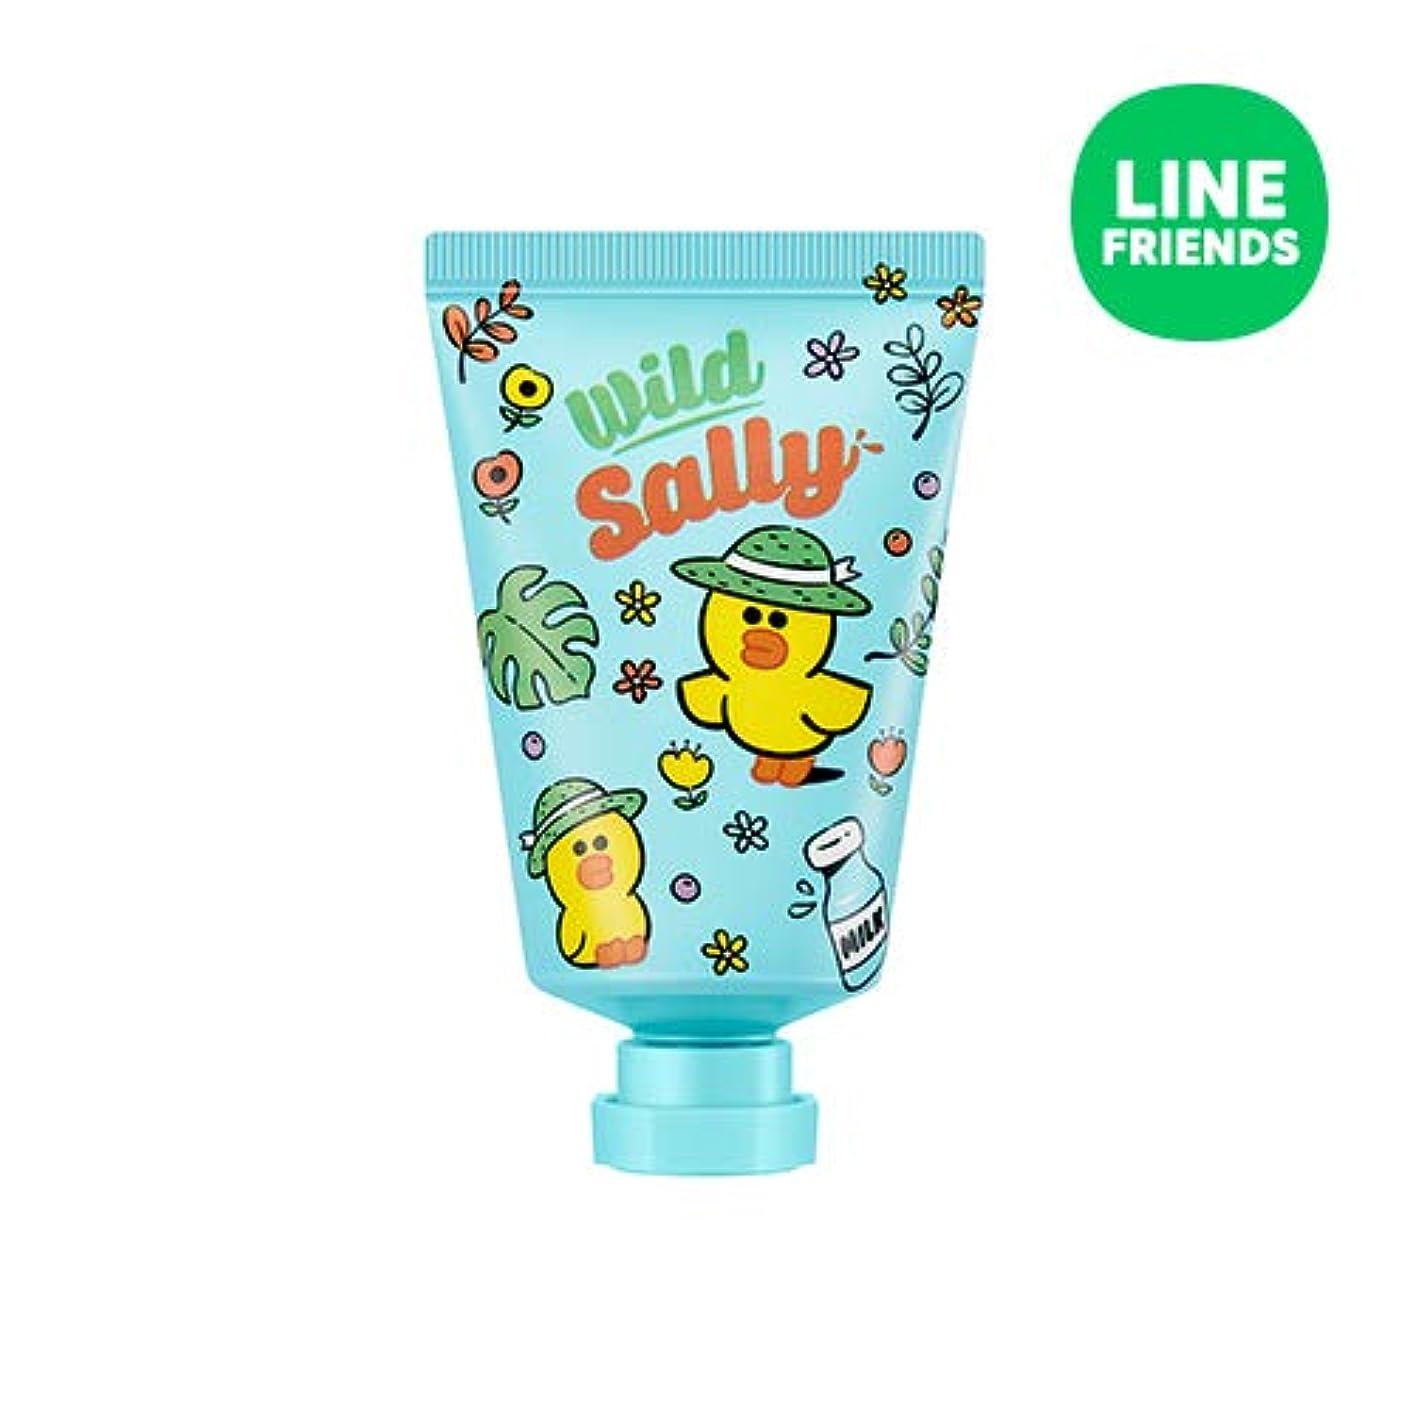 限り弾丸連帯ミシャ(ラインフレンズ)ラブシークレットハンドクリーム 30ml MISSHA [Line Friends Edition] Love Secret Hand Cream - Sally # Cotton White [並行輸入品]